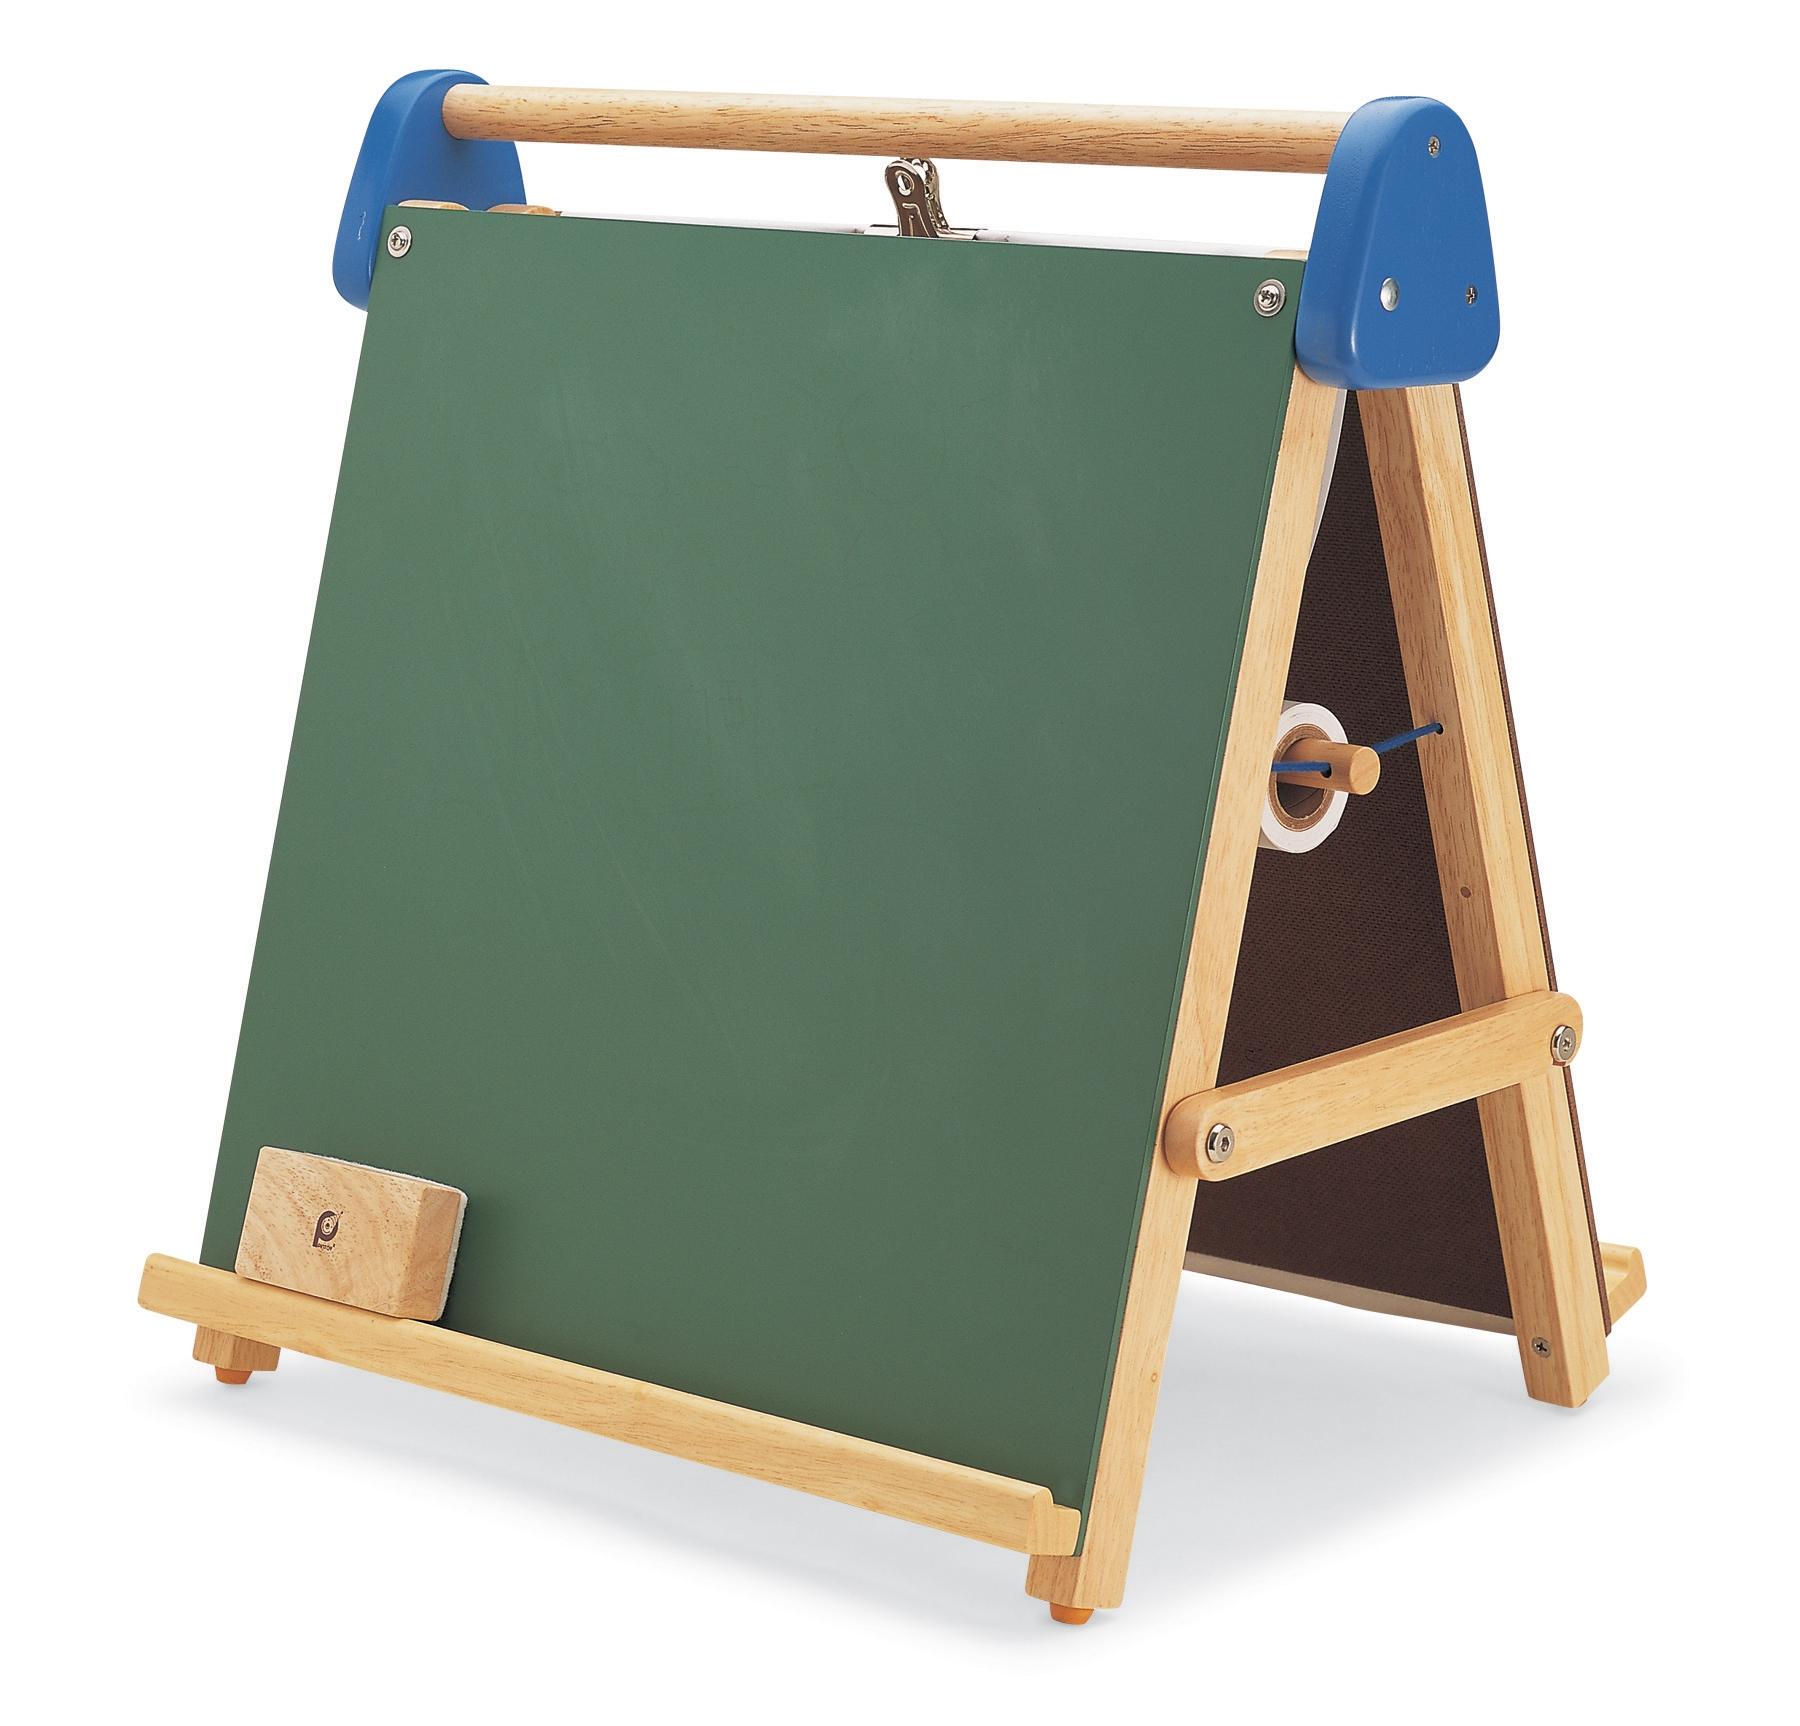 Chalkboard Eraser Png image #37436